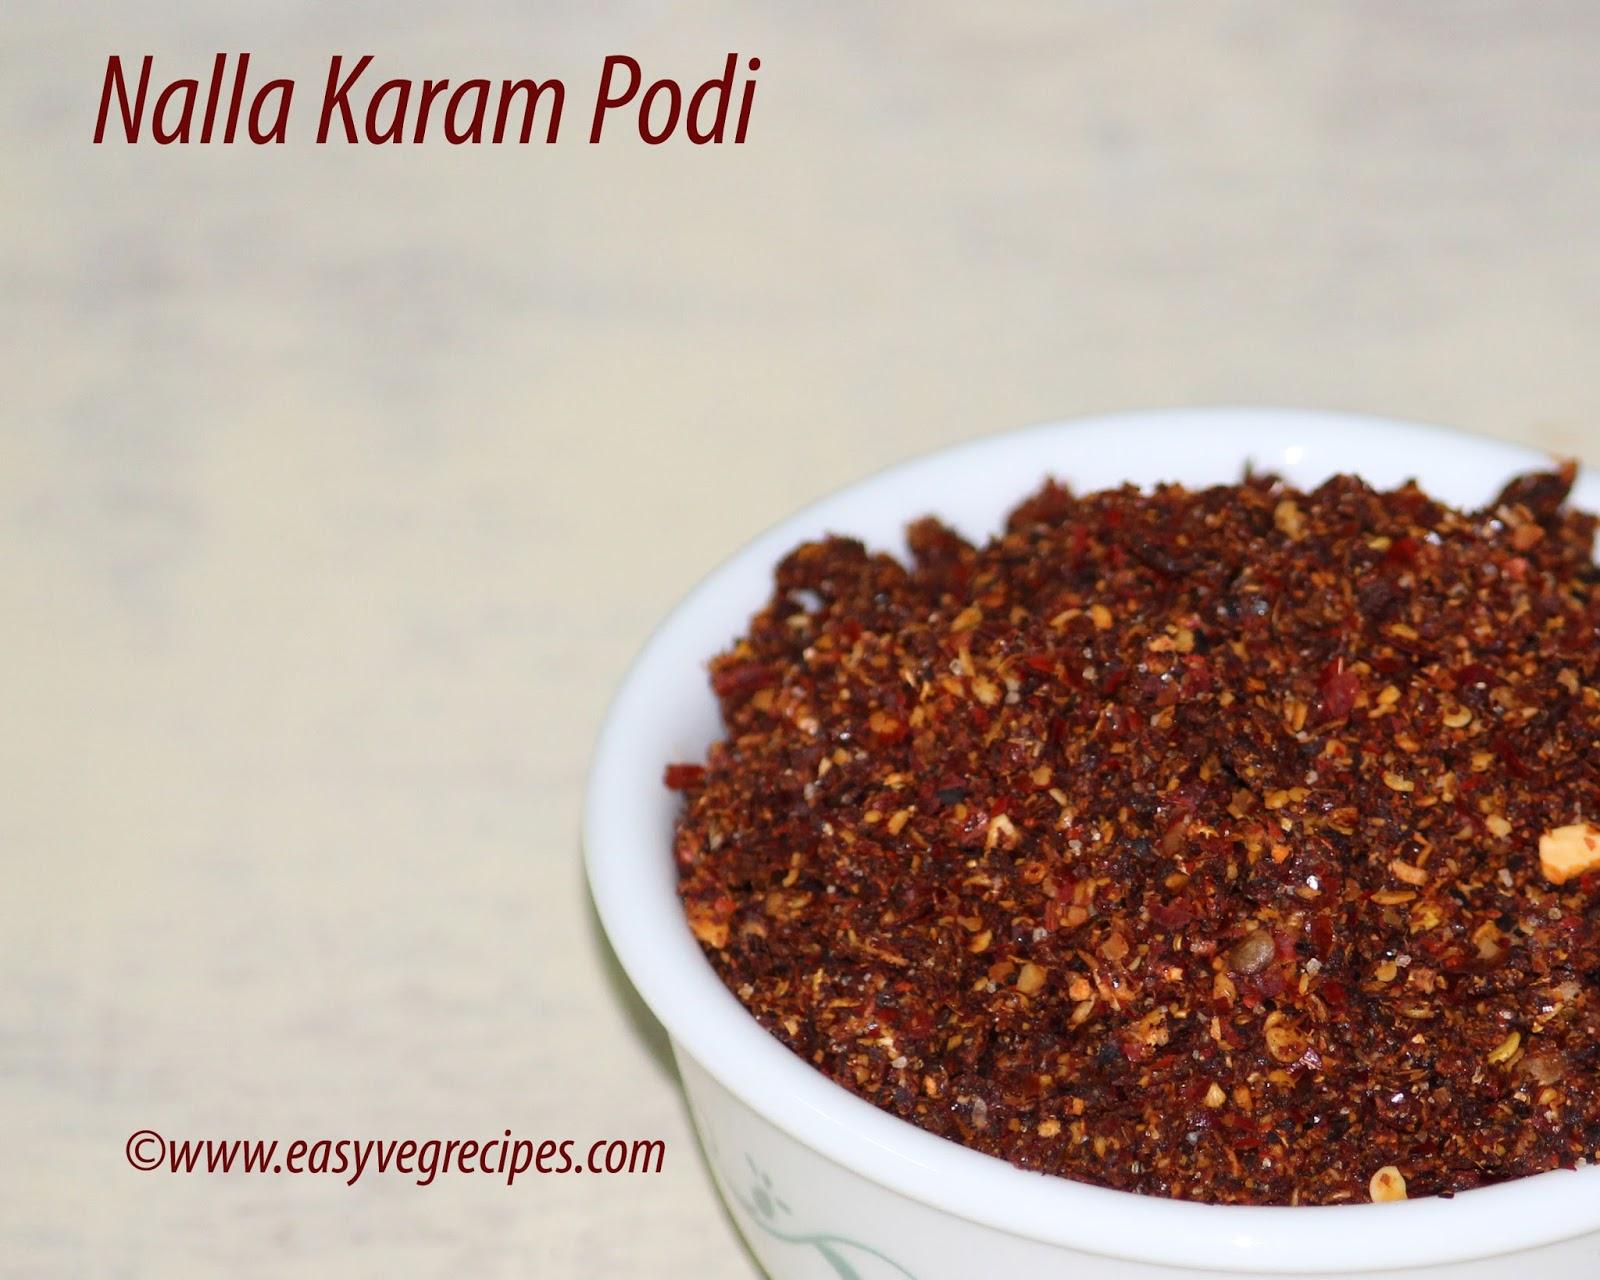 Nalla Karam Podi